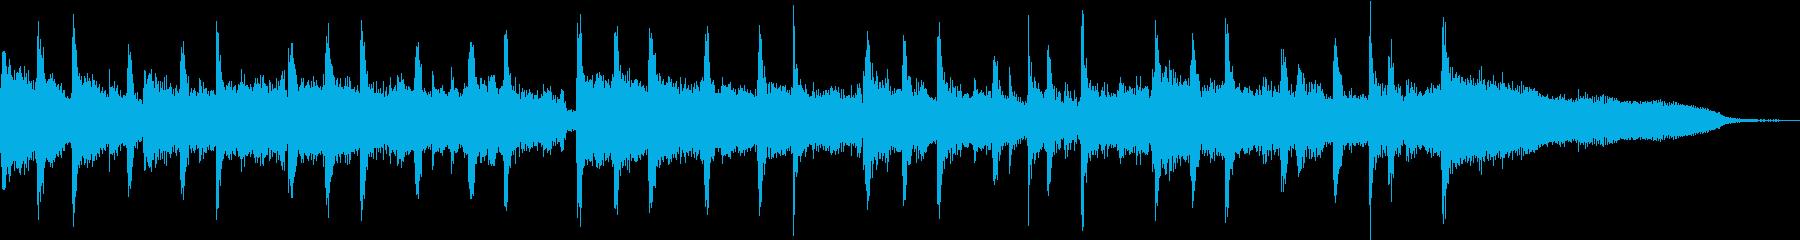 エレキとピアノの力強い掛け合いのジングルの再生済みの波形